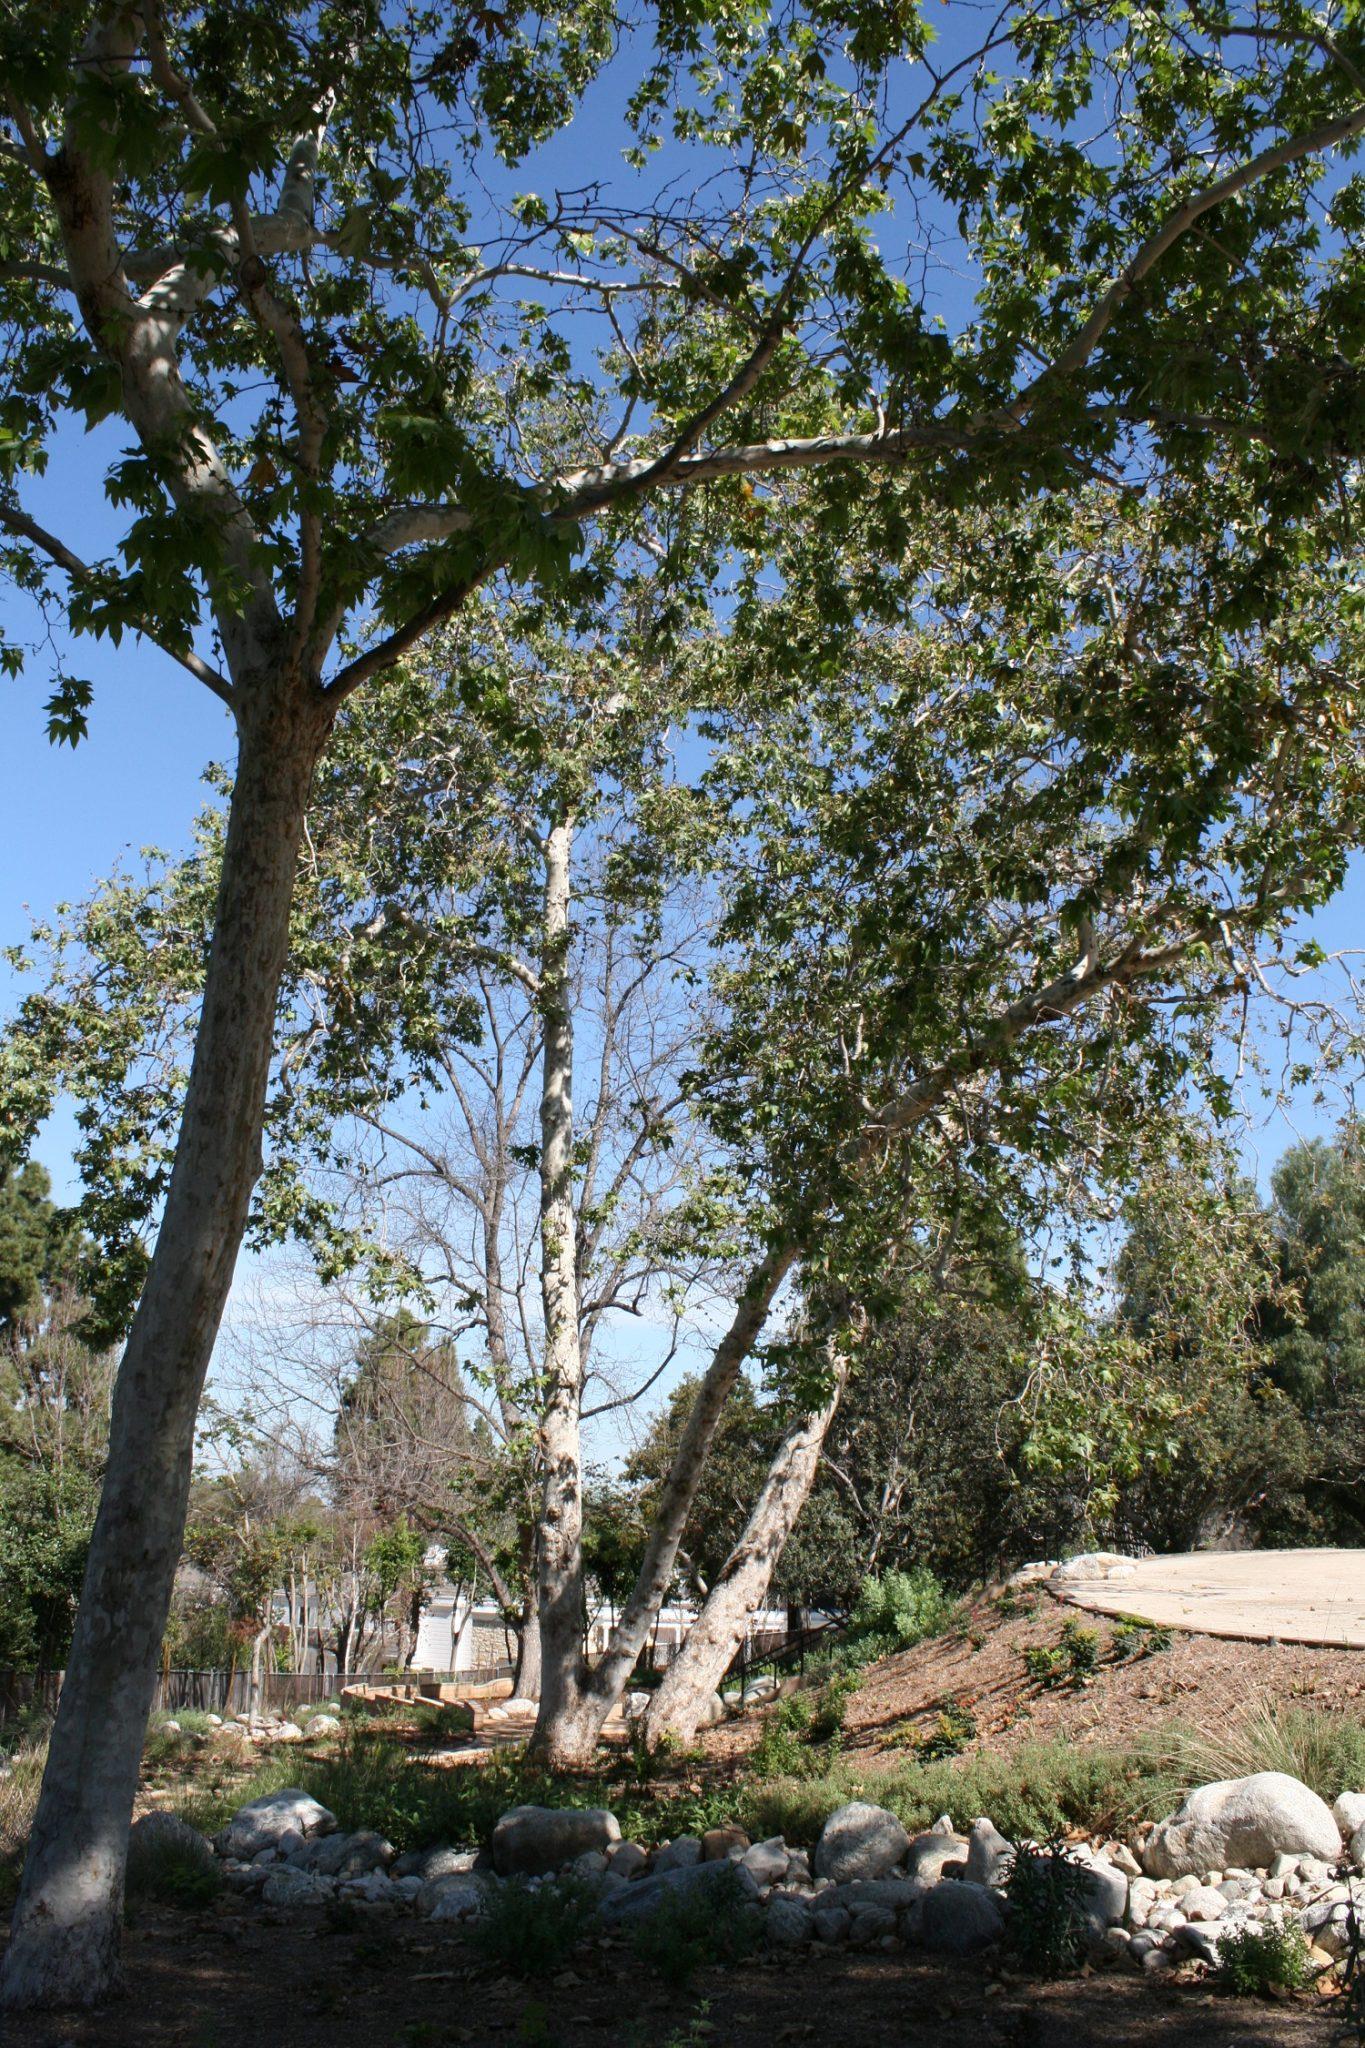 California Sycamore – Platanus racemosa